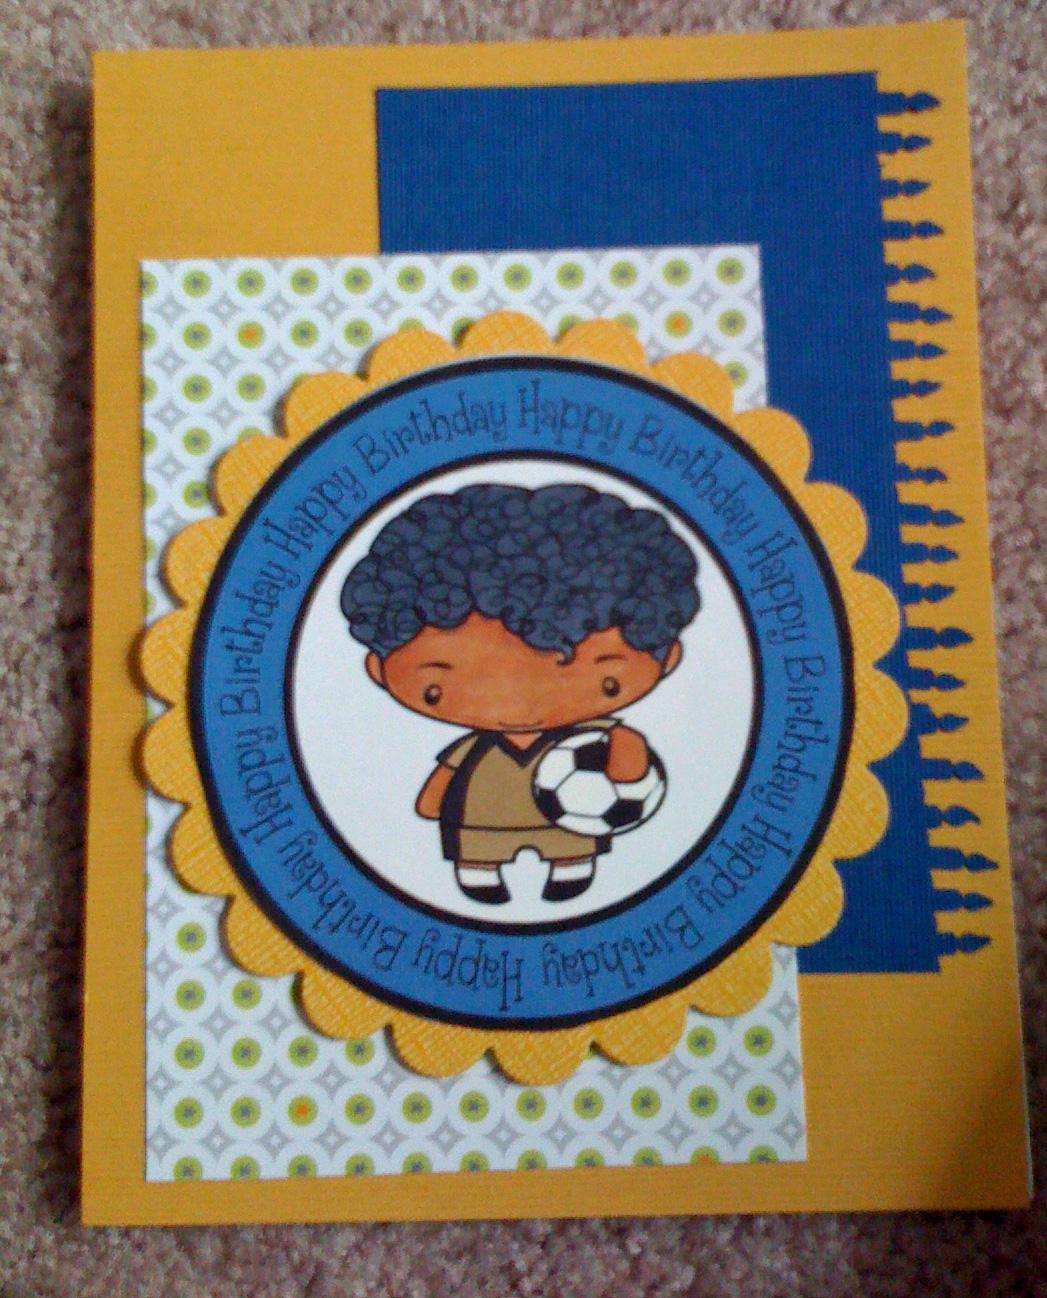 http://1.bp.blogspot.com/-4yX6tpXr2dY/T49sMzF7IrI/AAAAAAAAALM/JJHF5InmgZc/s1600/Soccer+Ian+Bday+card.jpg